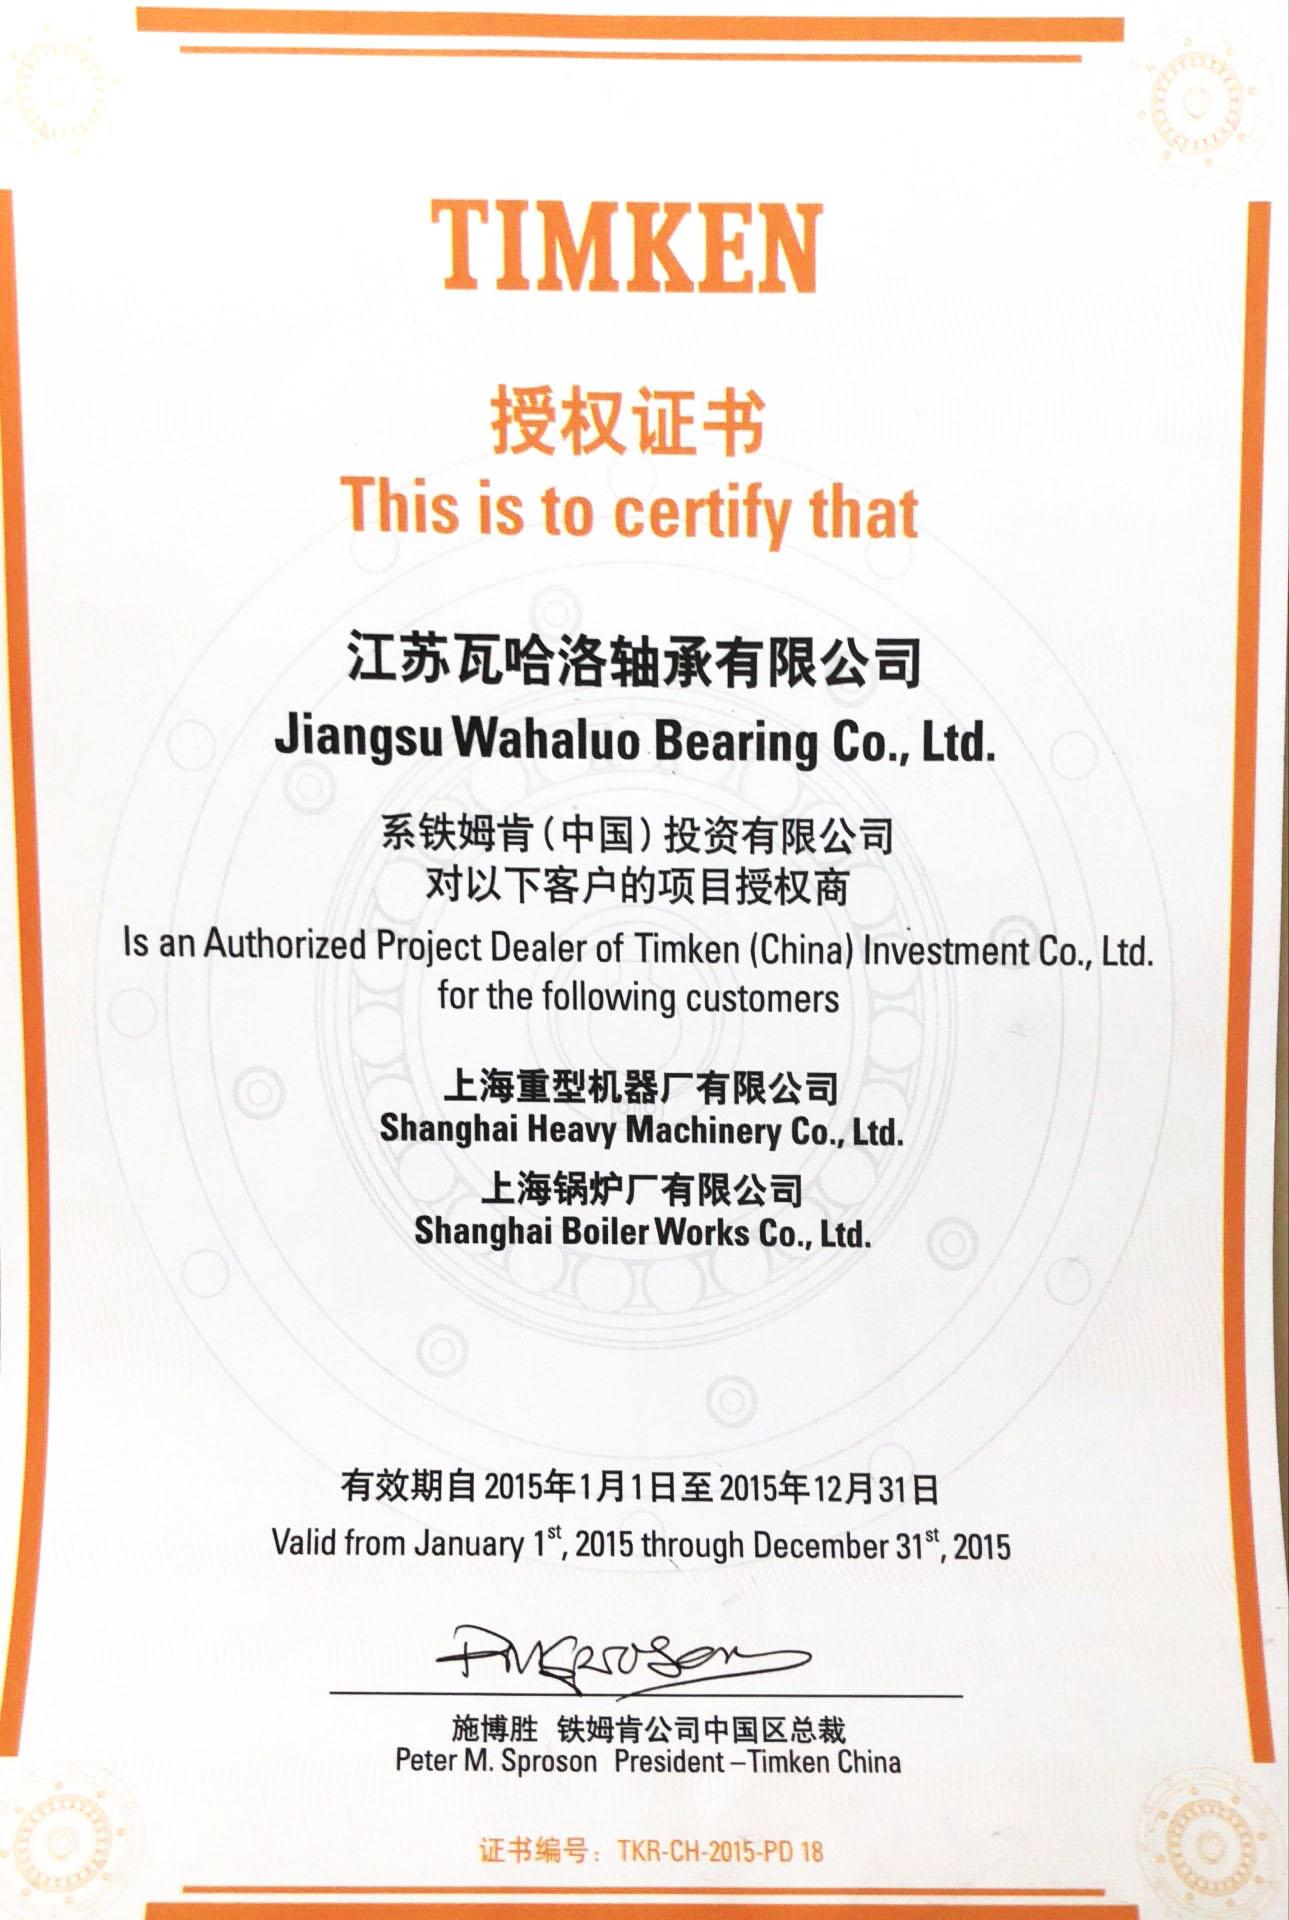 TIMKEN授权瓦哈洛2015年证书